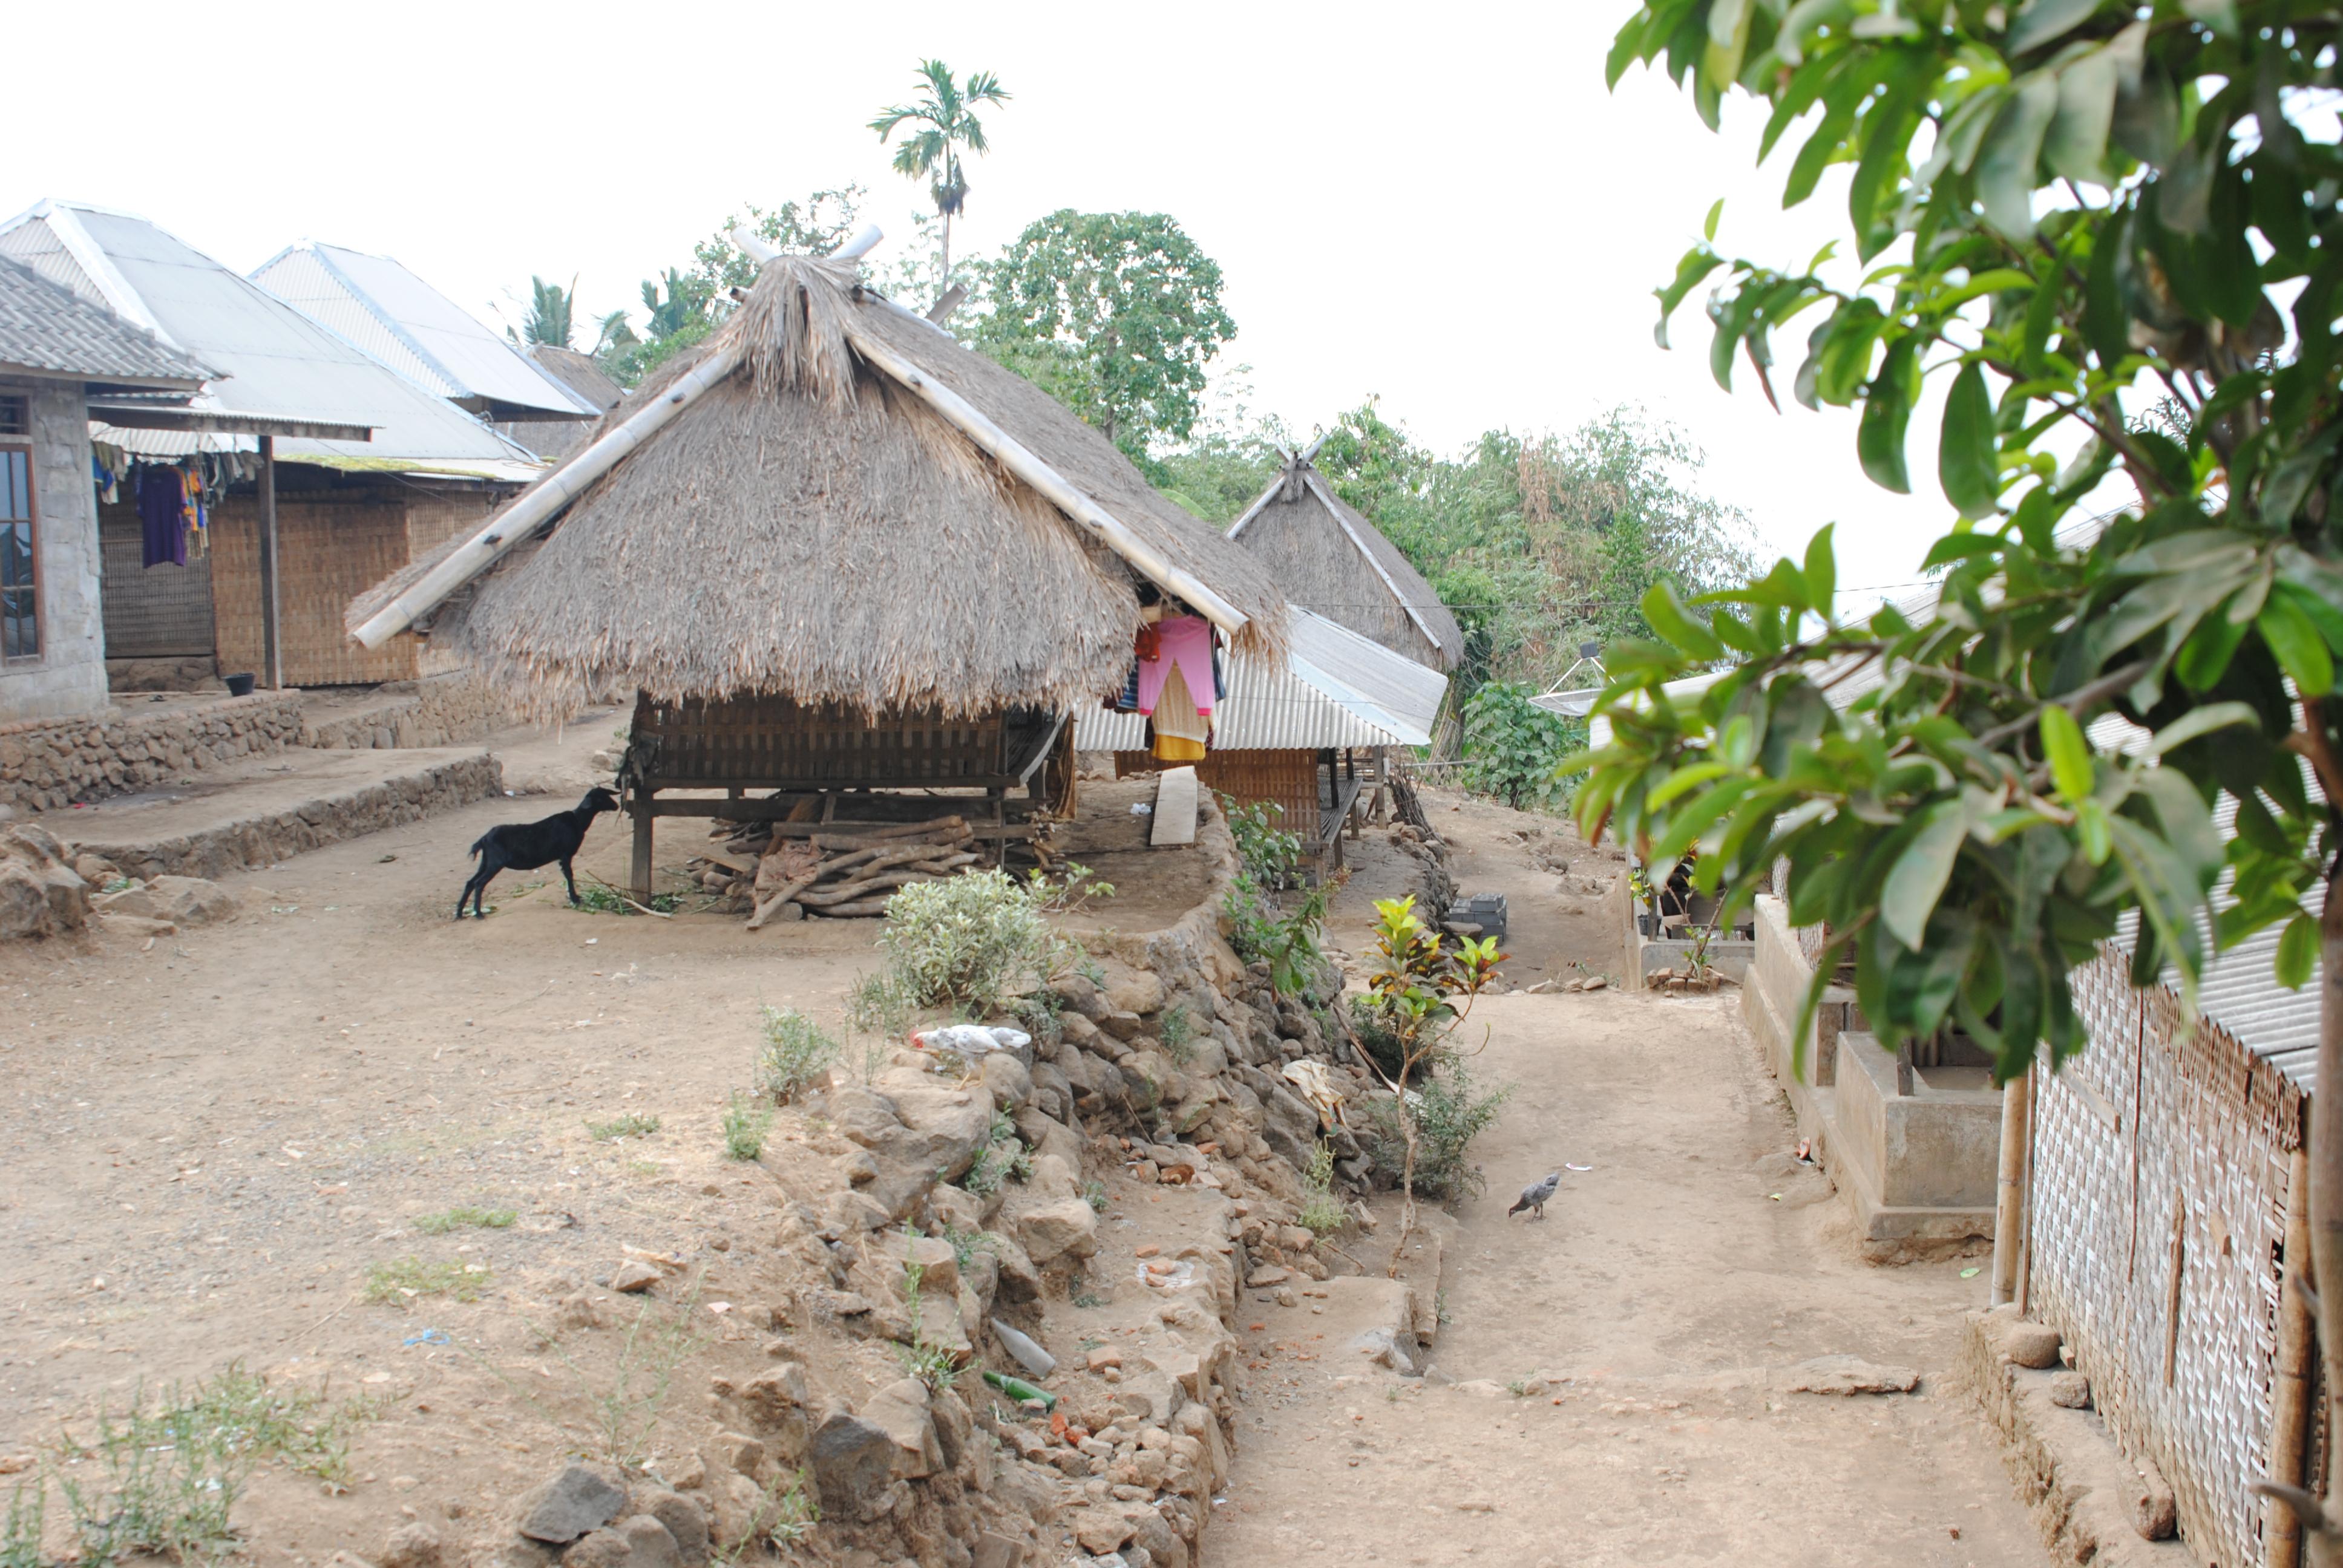 Wir entdeckten einige Sasak-Dörfer in der Umgebung.